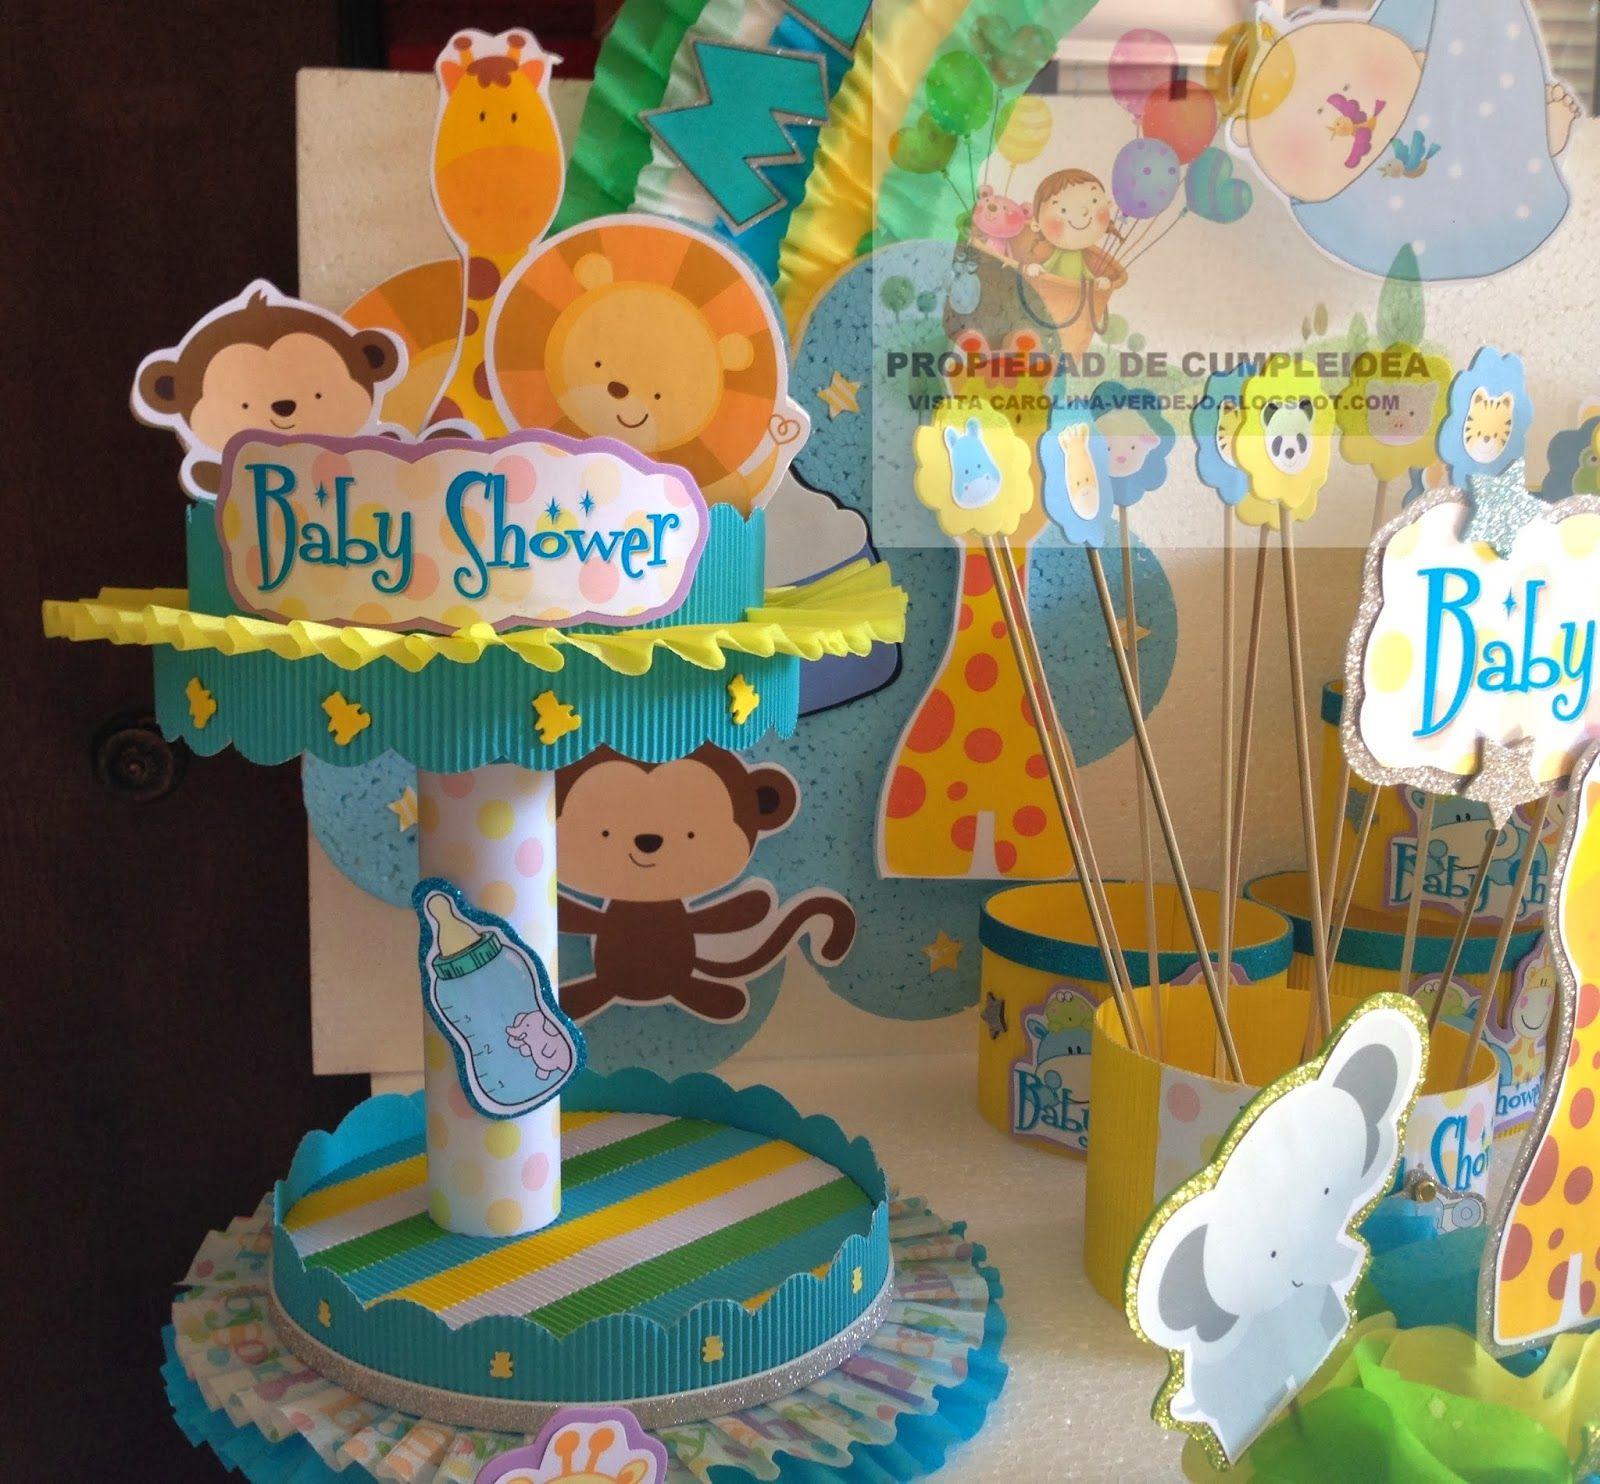 Decoraciones infantiles baby shower animalitos bb baby - Decoracion fiesta infantil ...